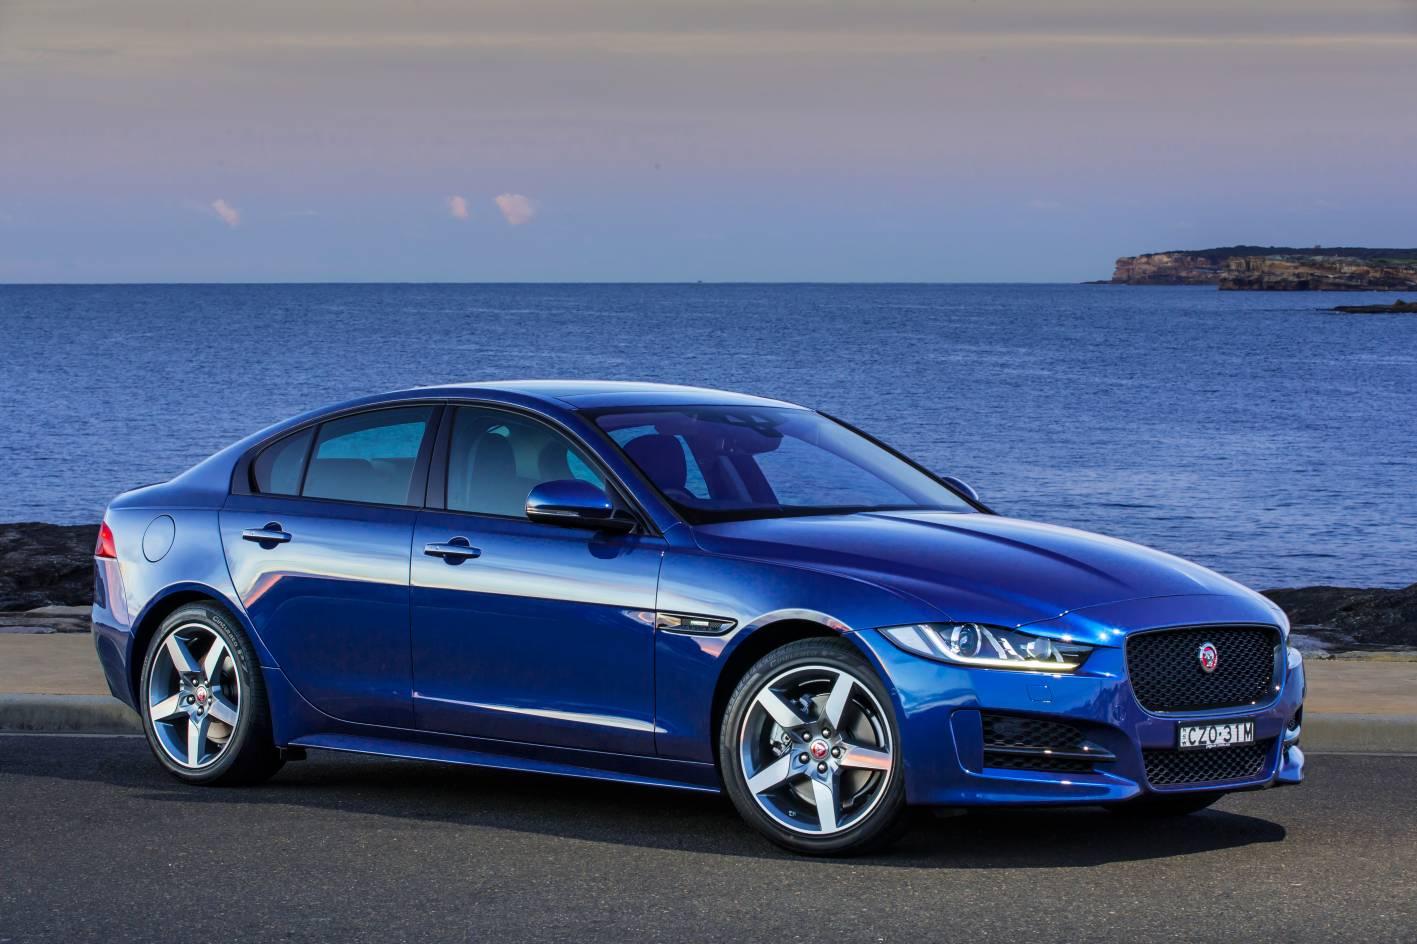 Toyota 2016 Models >> 2016 Jaguar XE Review - photos | CarAdvice